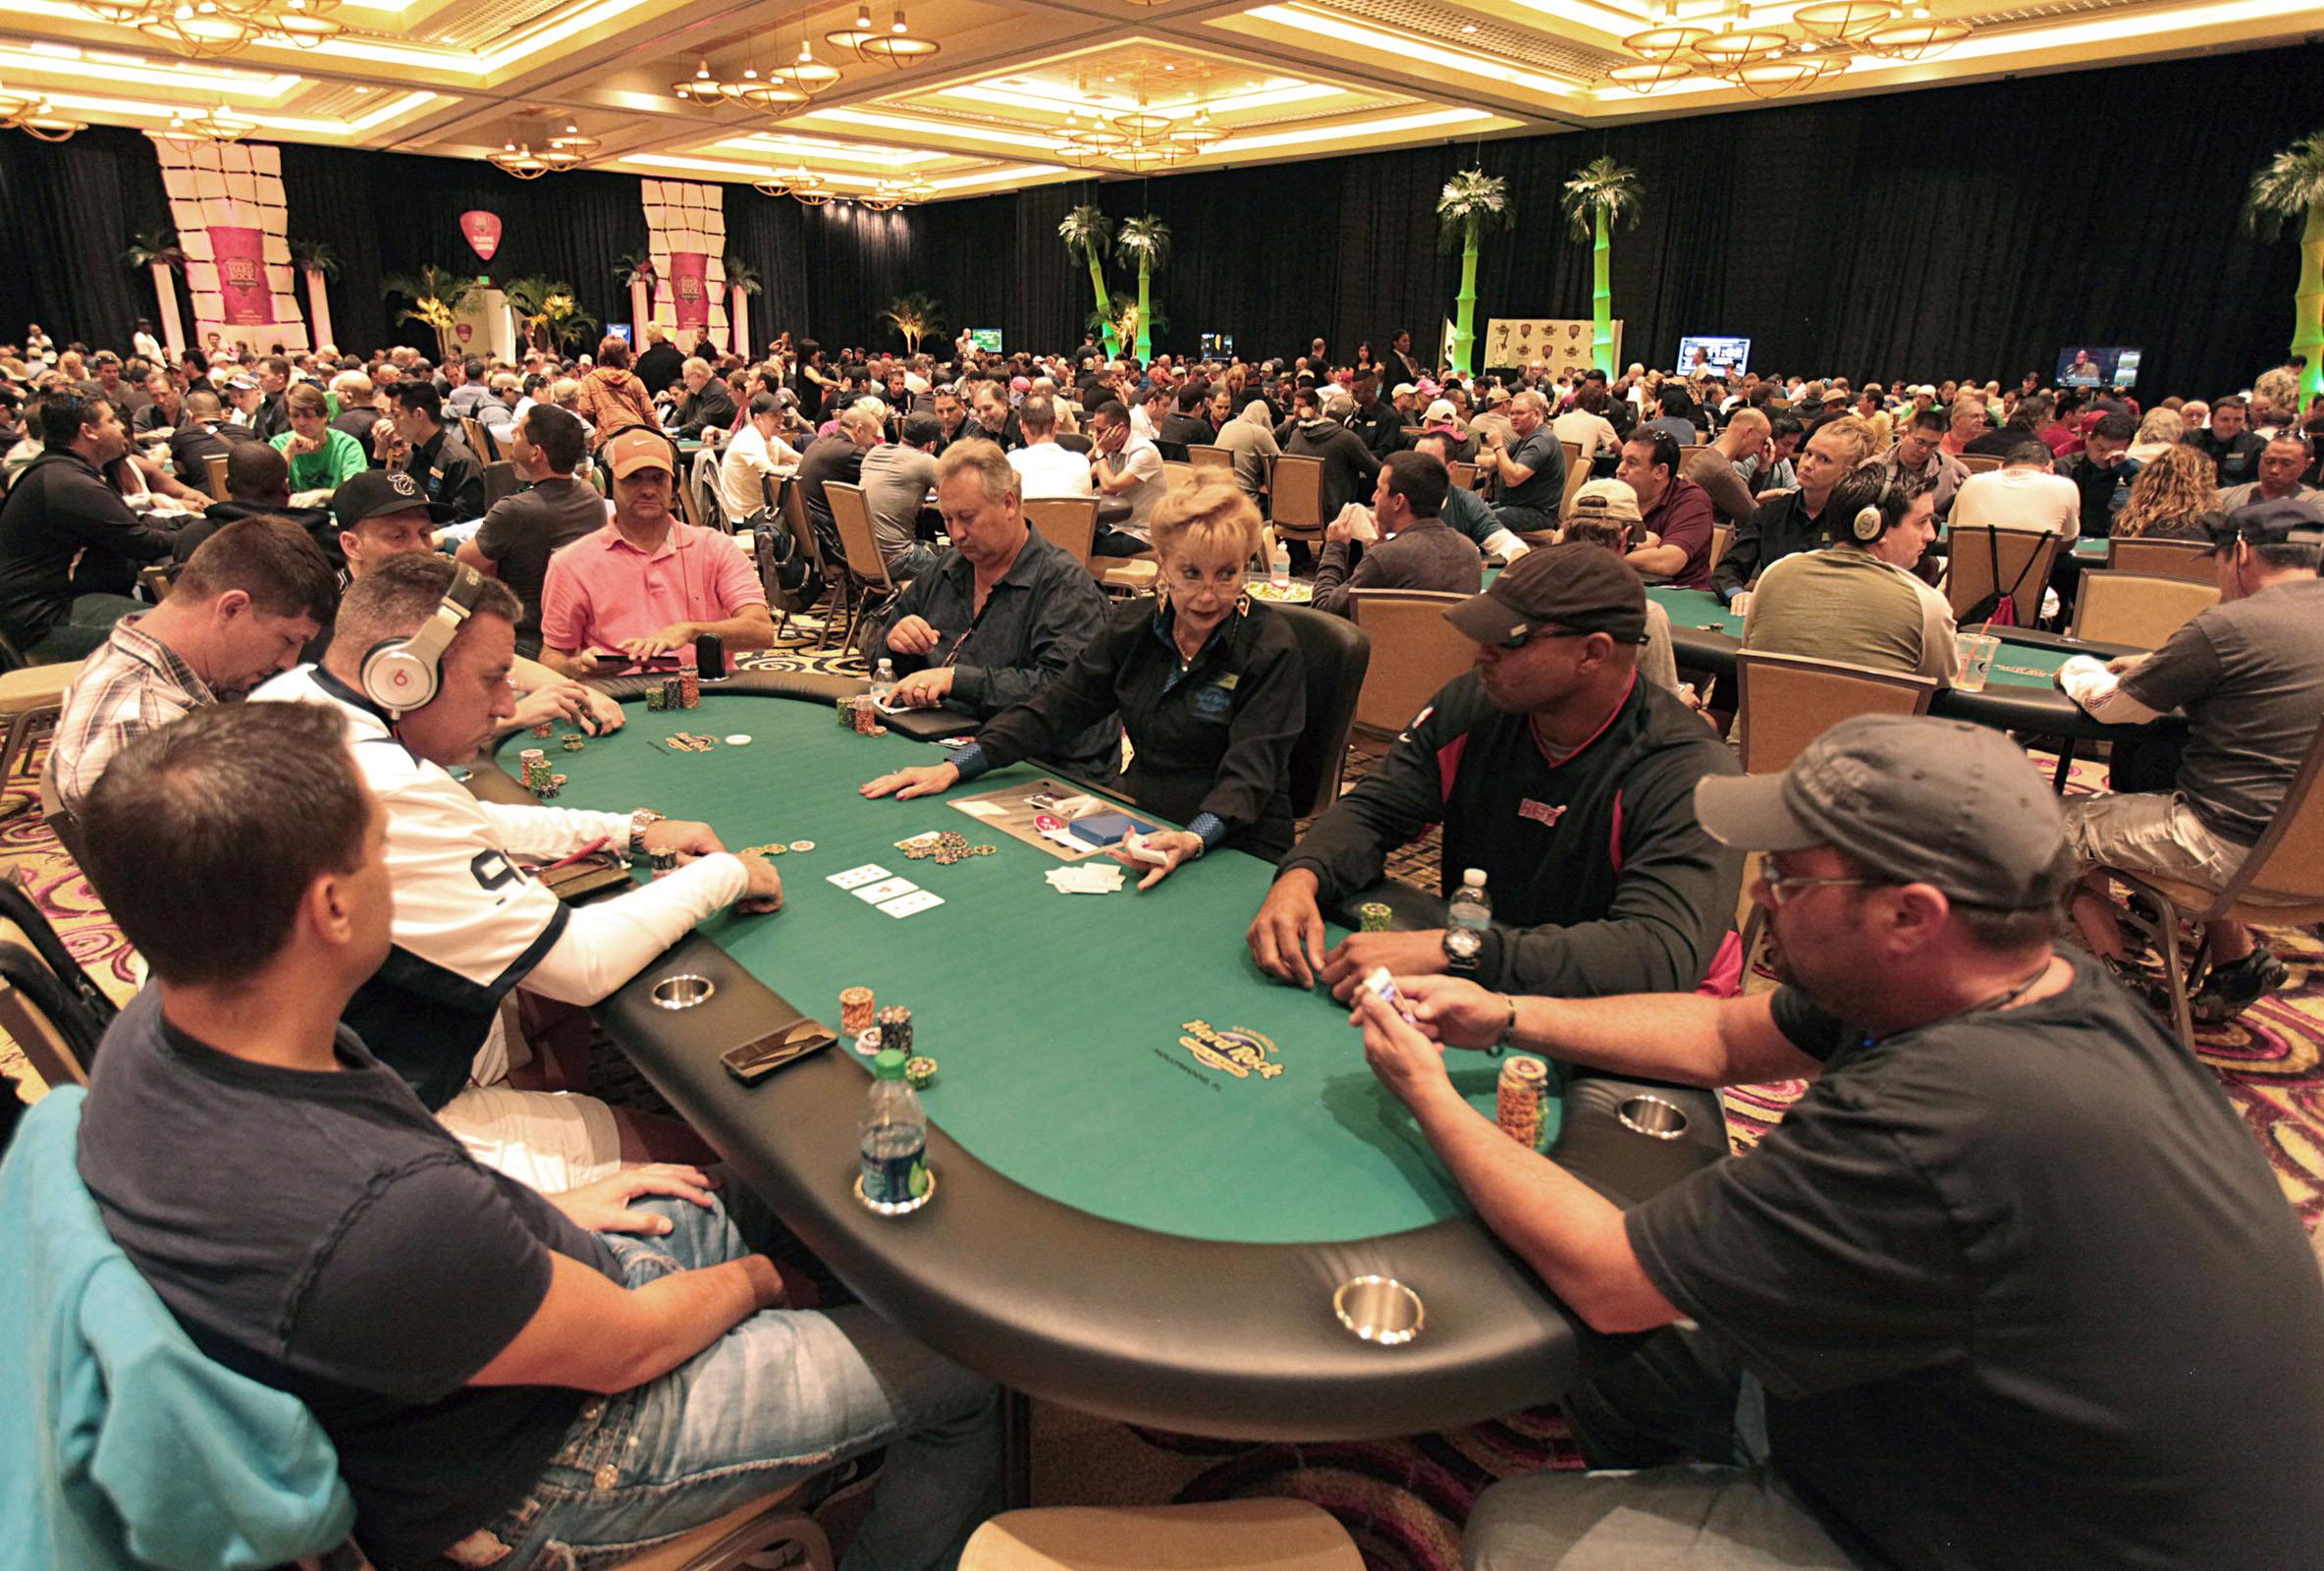 Hard Rock Poker